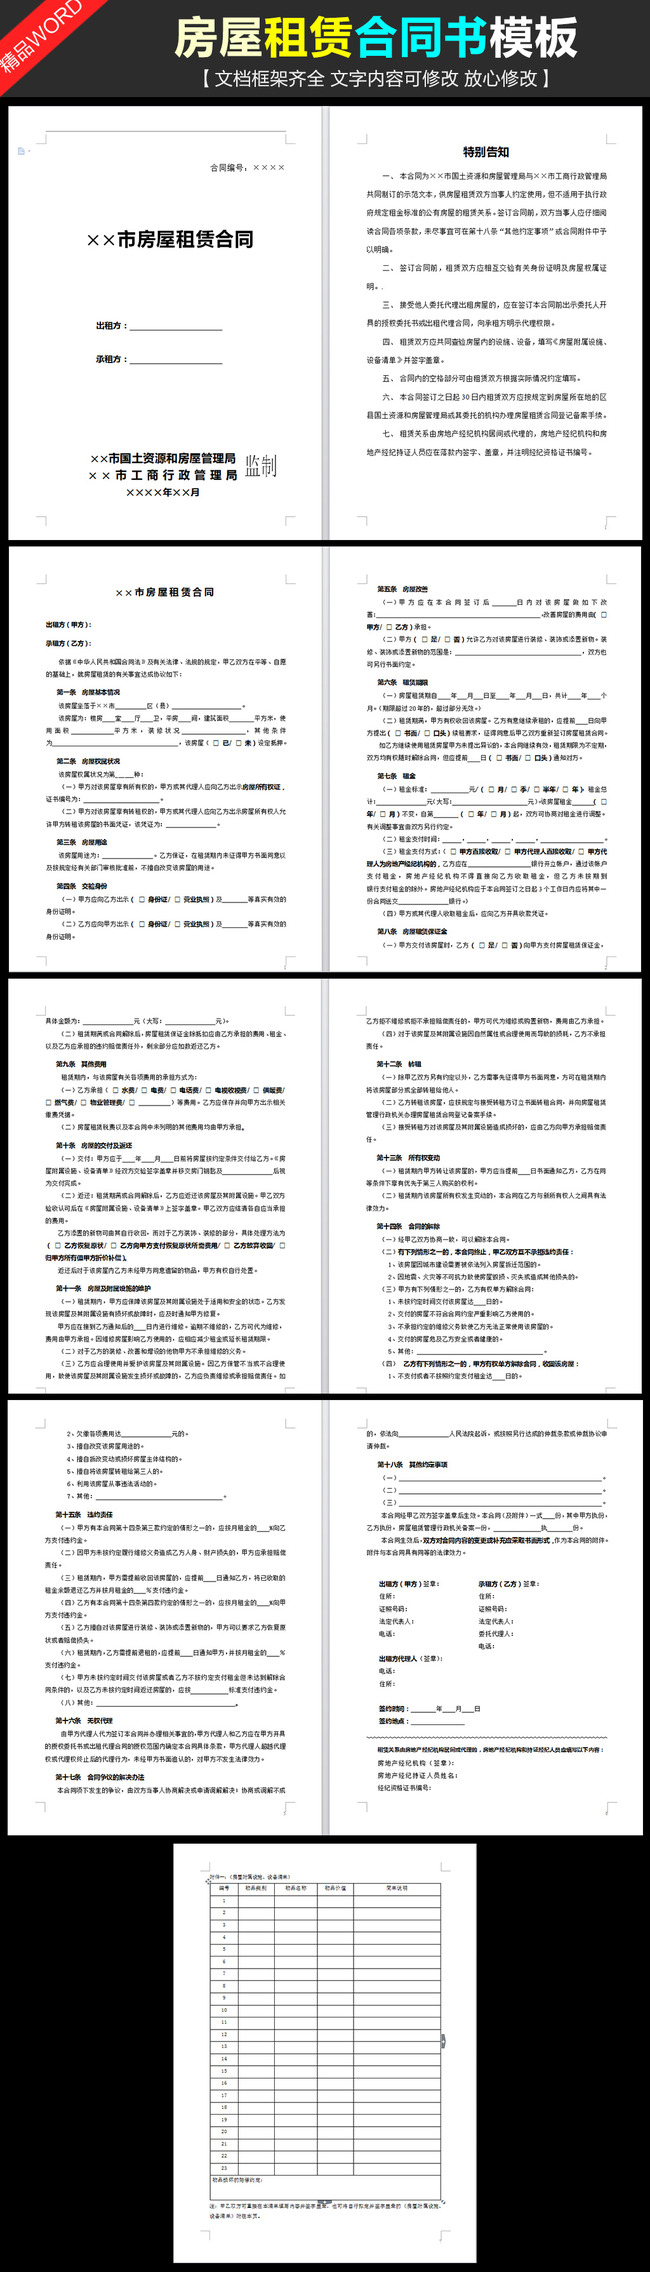 房屋租赁合同书word文档模板